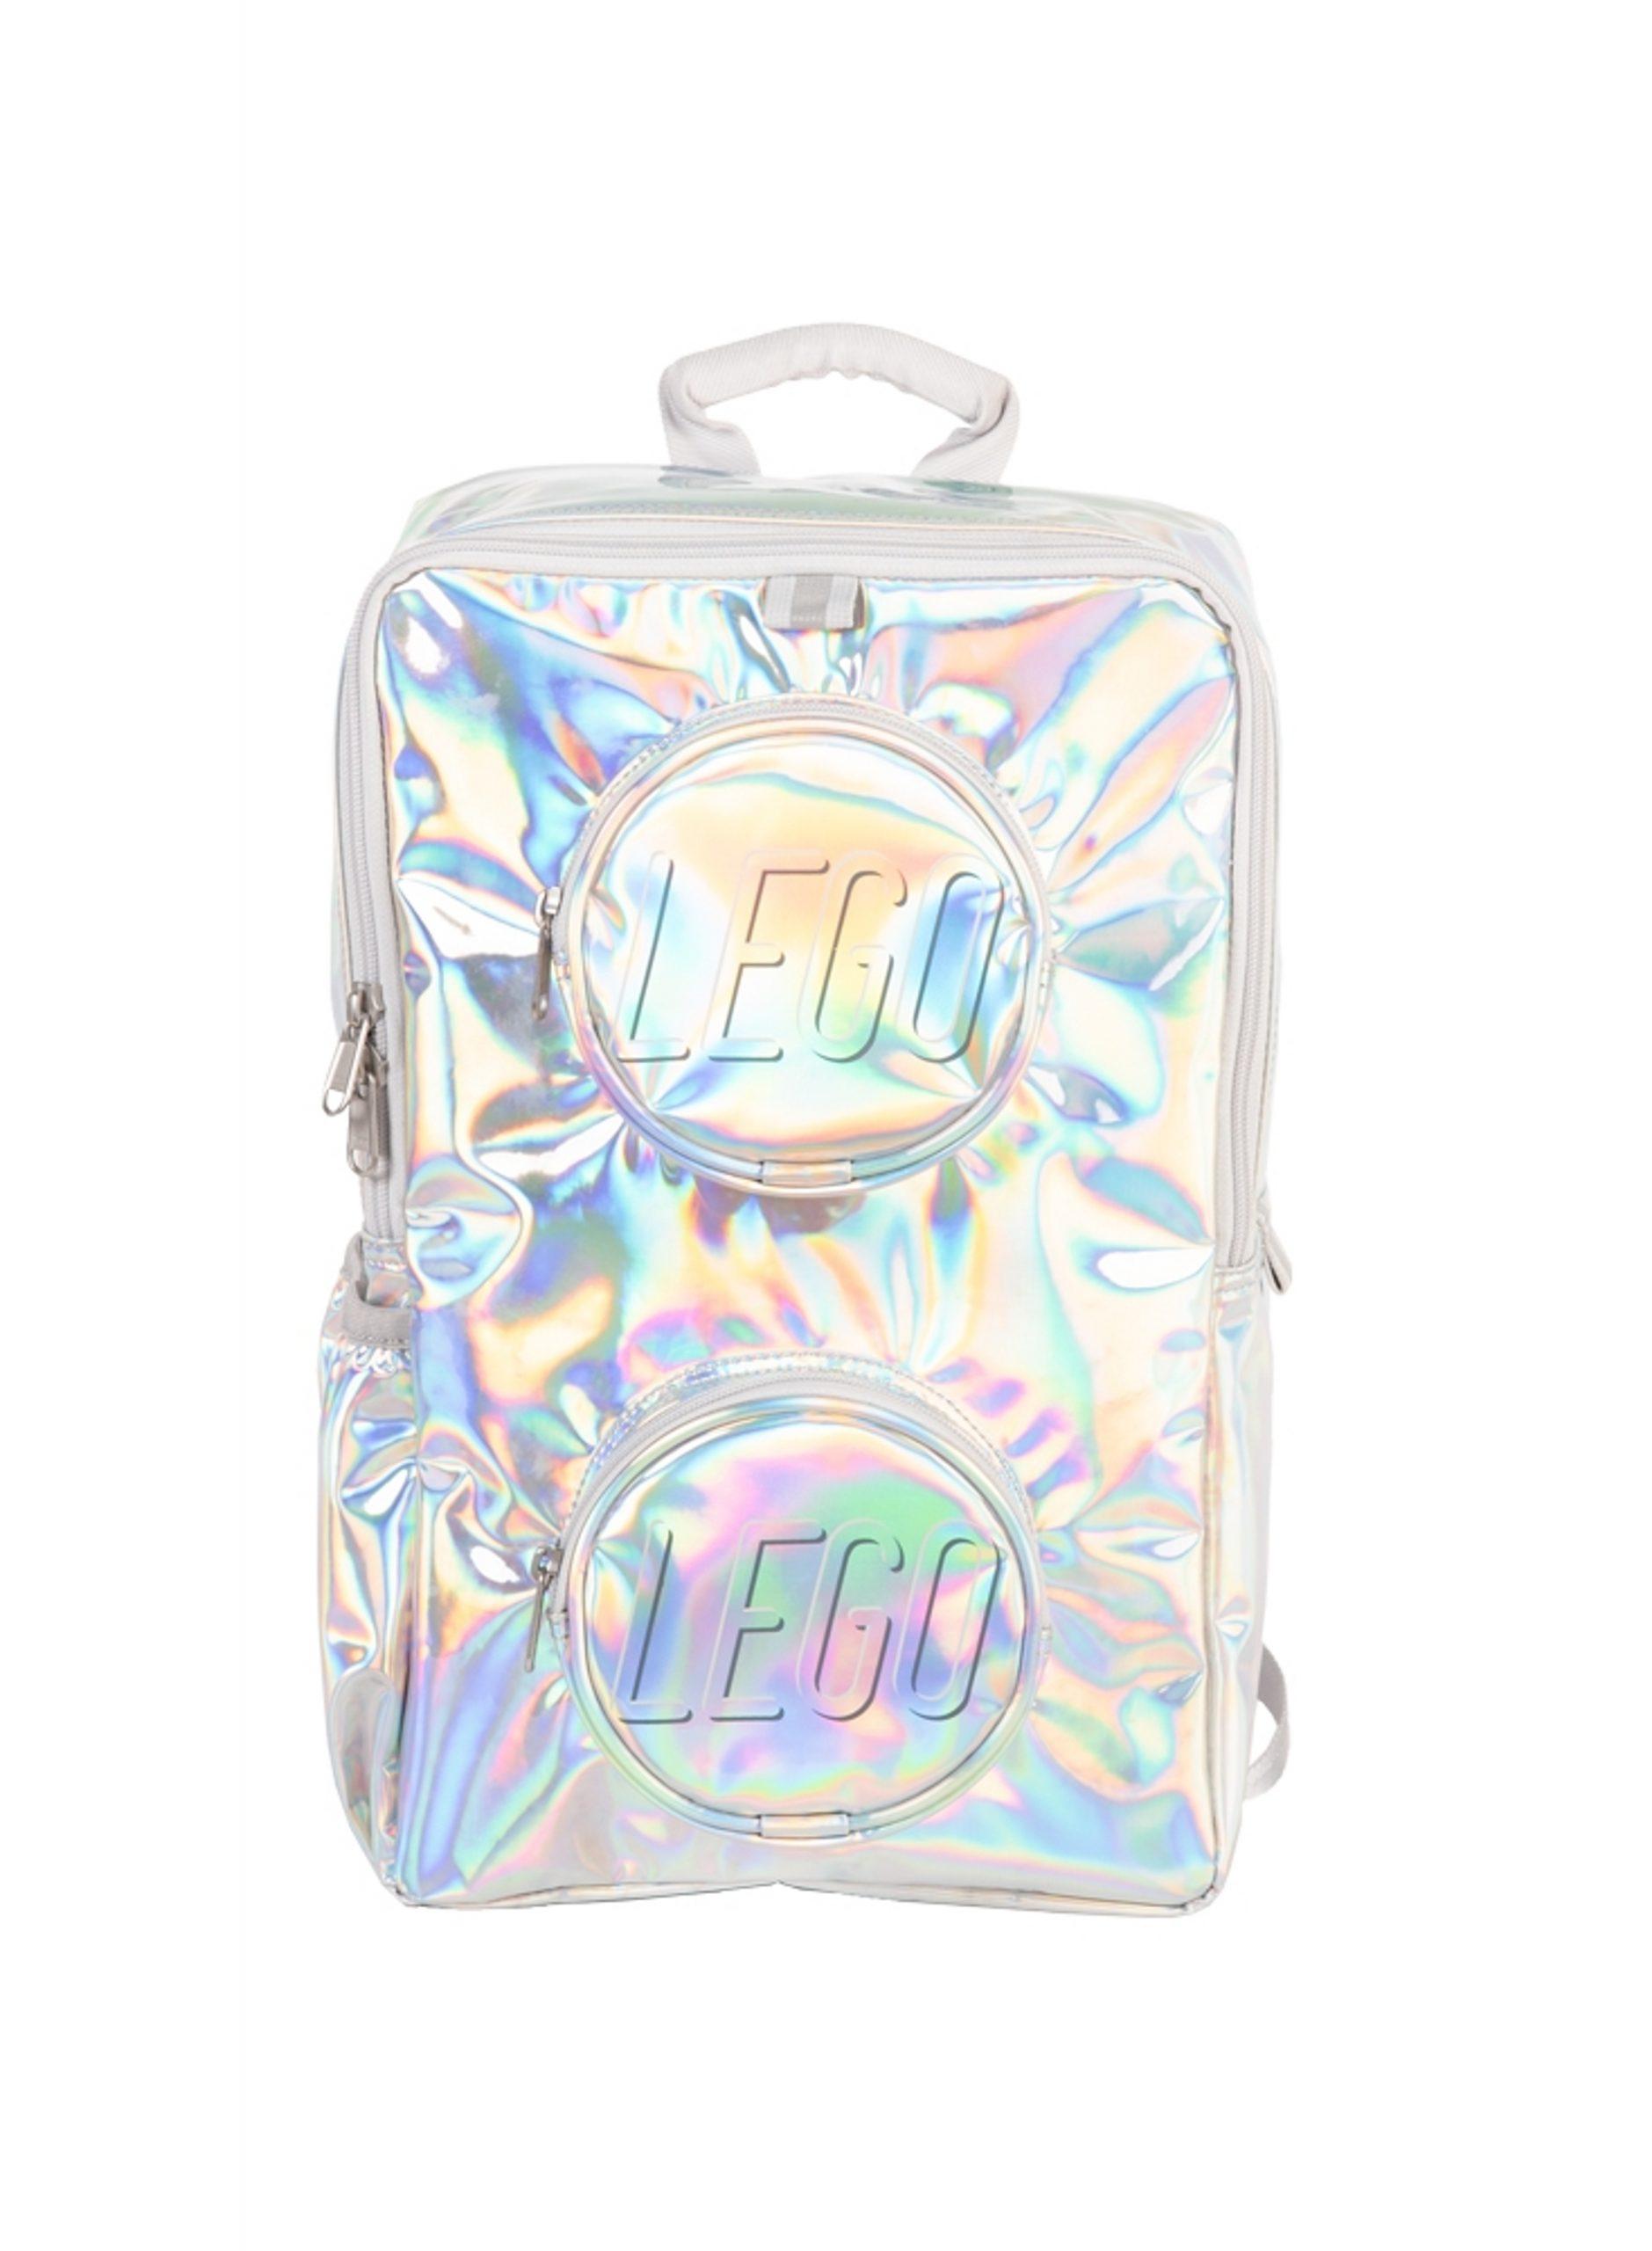 lego 5005813 holographic brick backpack scaled